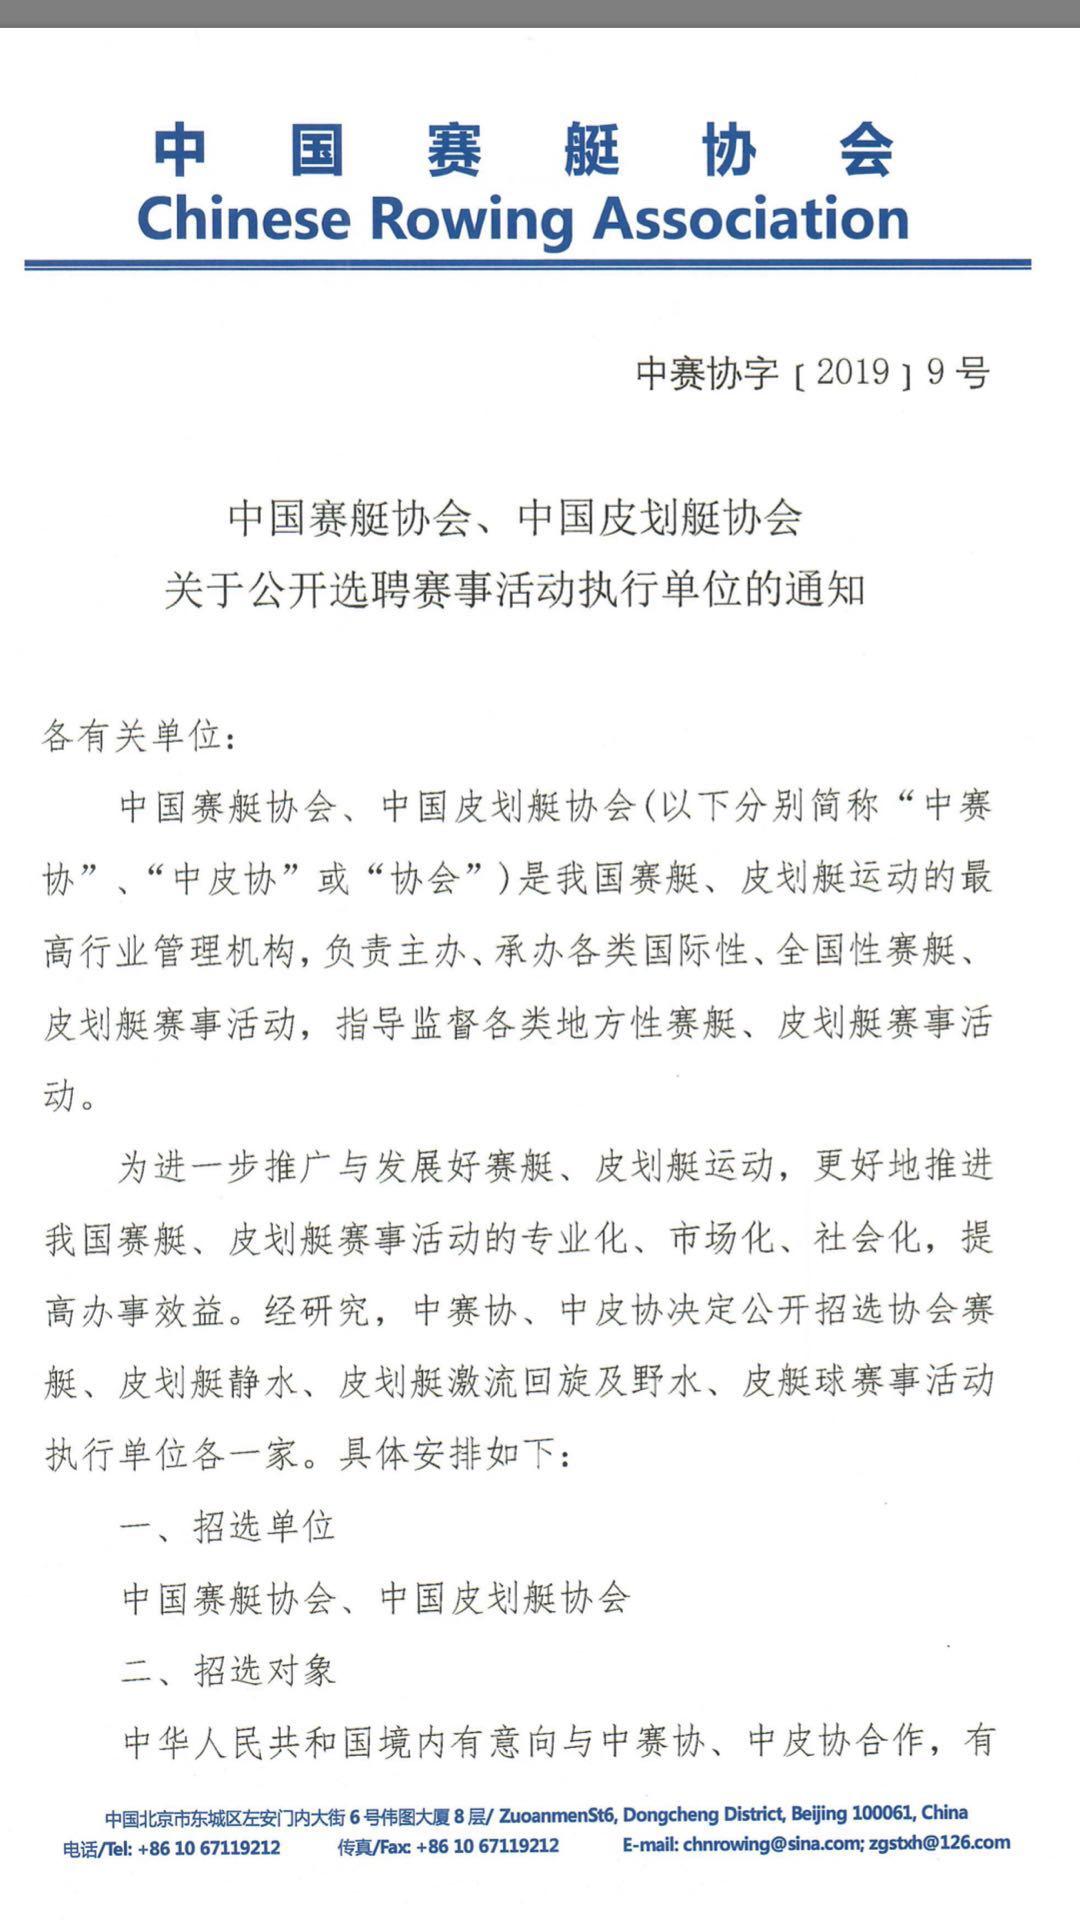 中国赛艇协会、中国皮划艇协会关于公开选聘赛事活动执行单位的通知